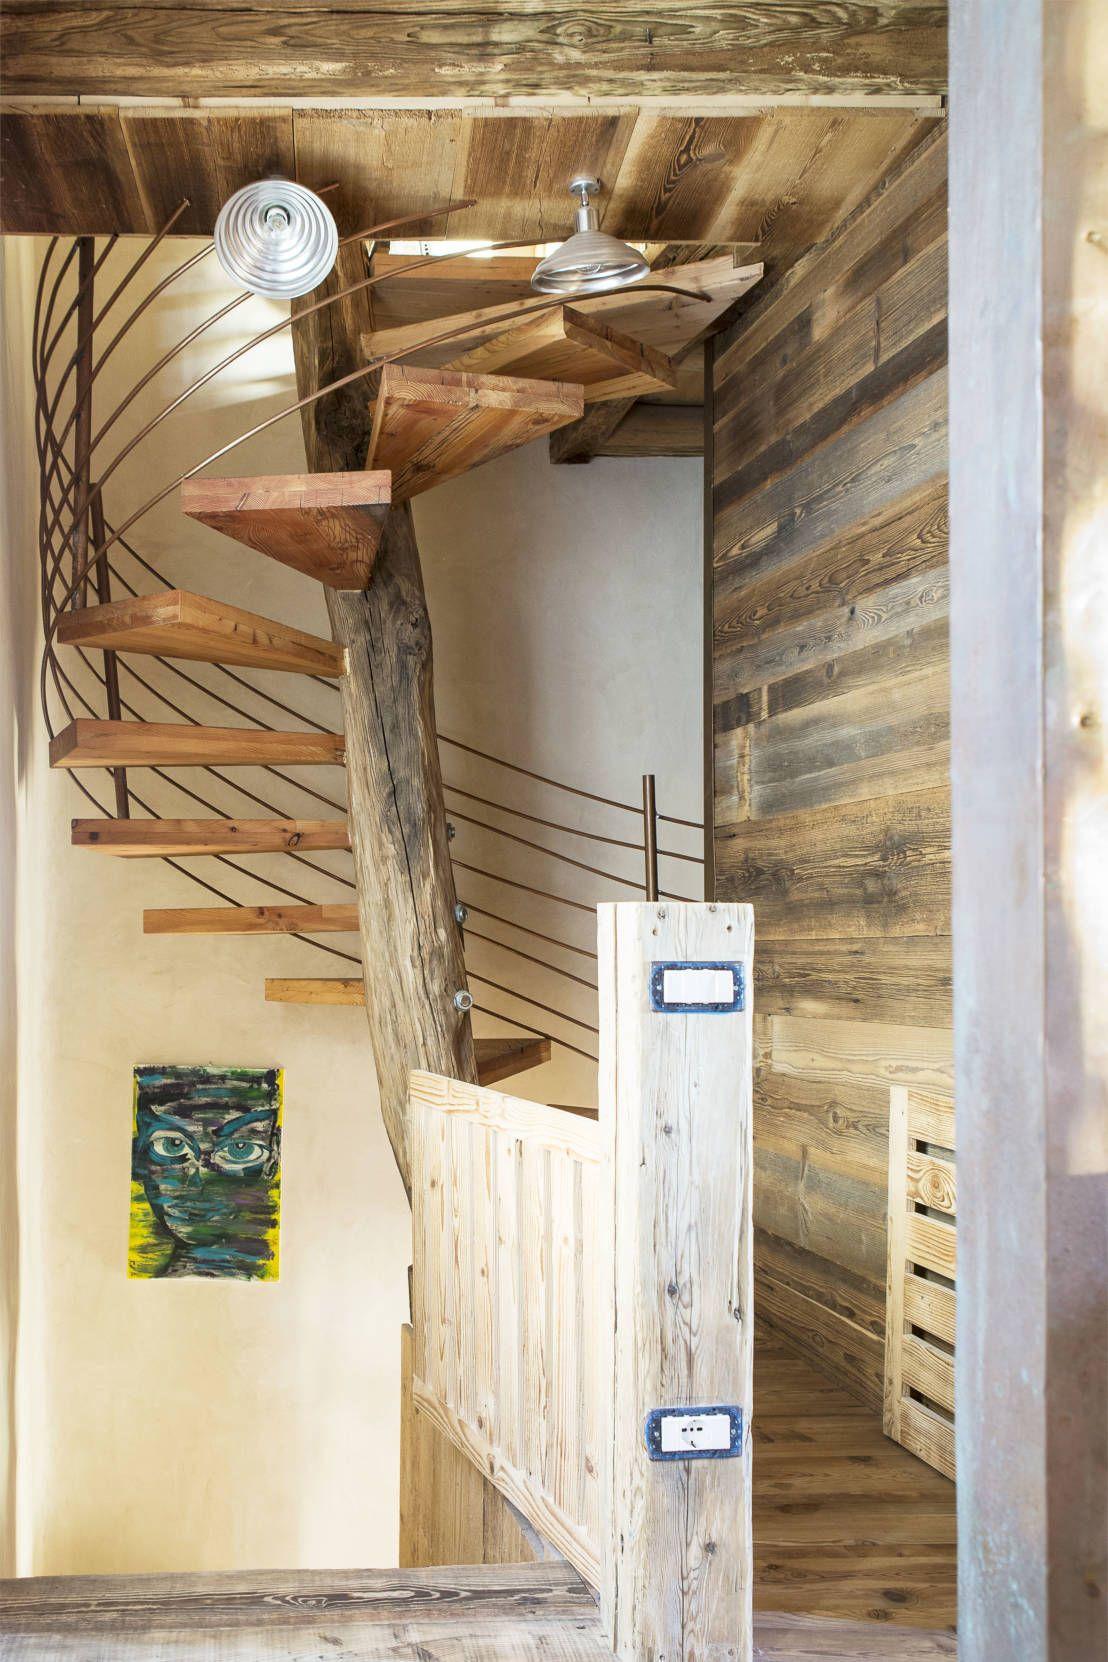 Wohnideen Holz wohnideen aus holz für ein gemütliches zuhause zuhause wohnideen